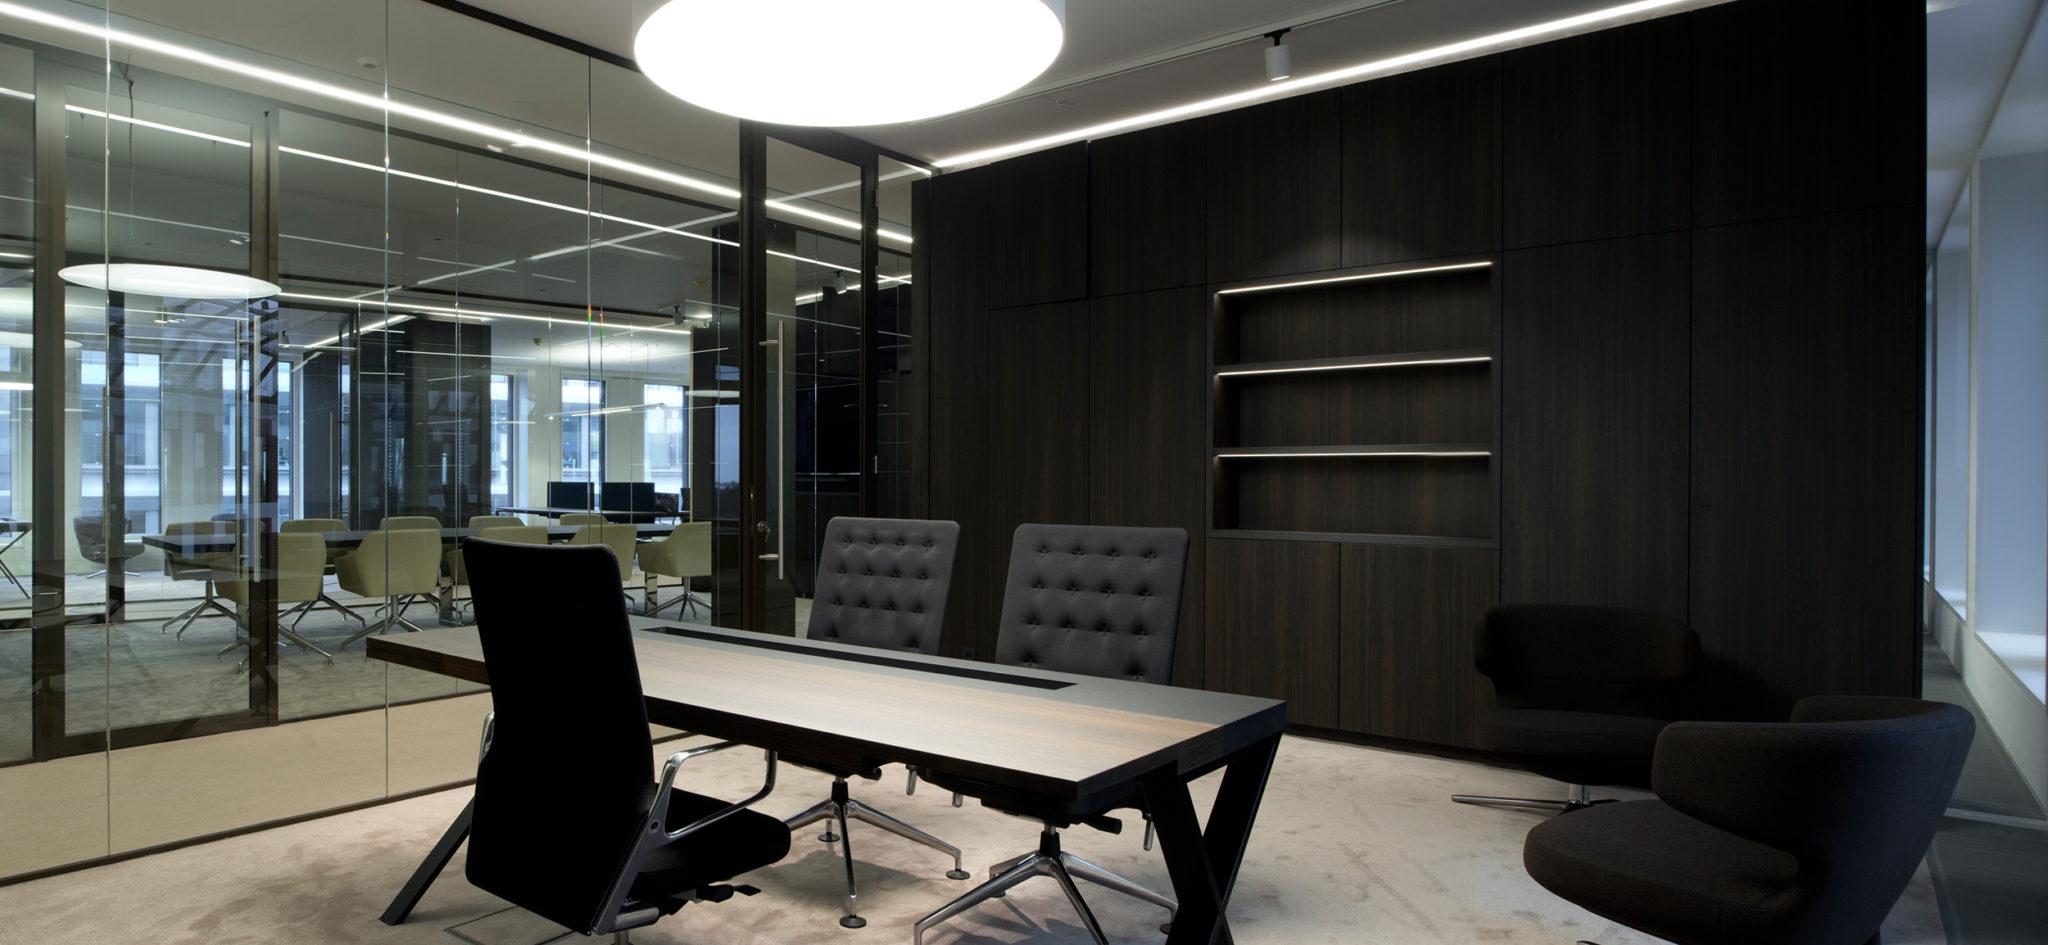 Möbel nach Maß für ein Büro in Luxemburg von WSB-Ladenbau